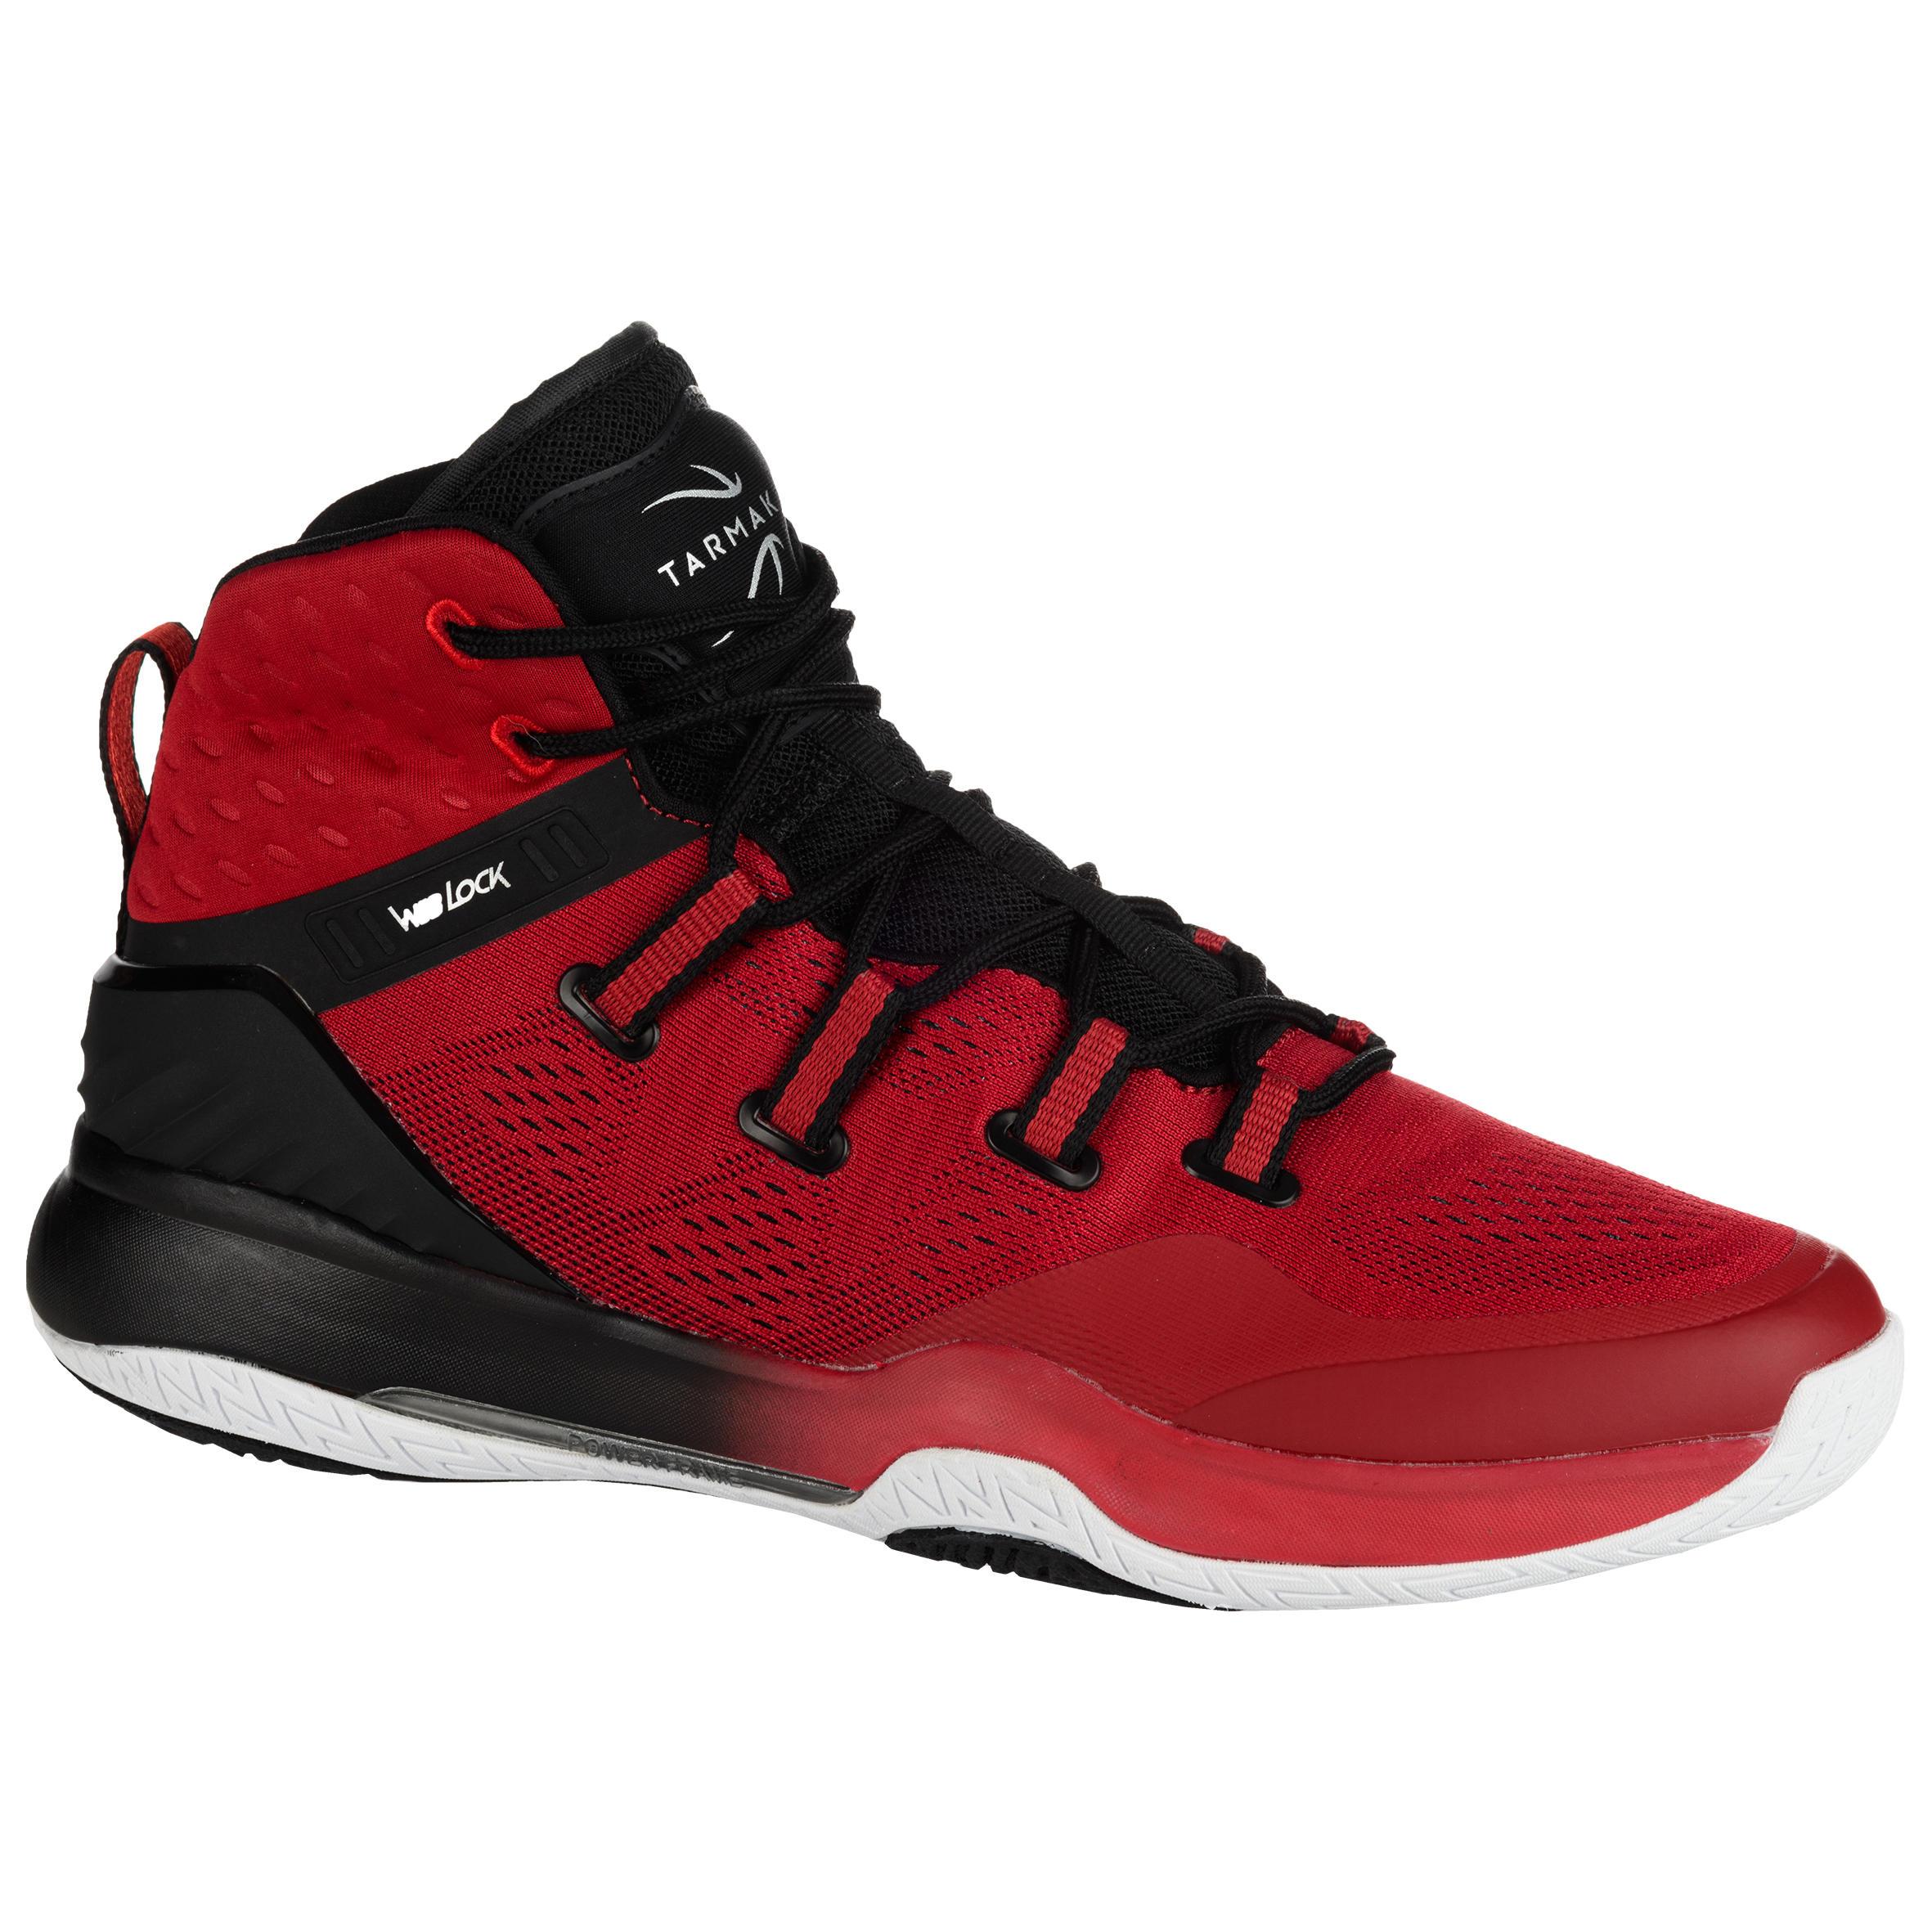 Tarmak Basketbalschoenen SC 500 High rood/zwart